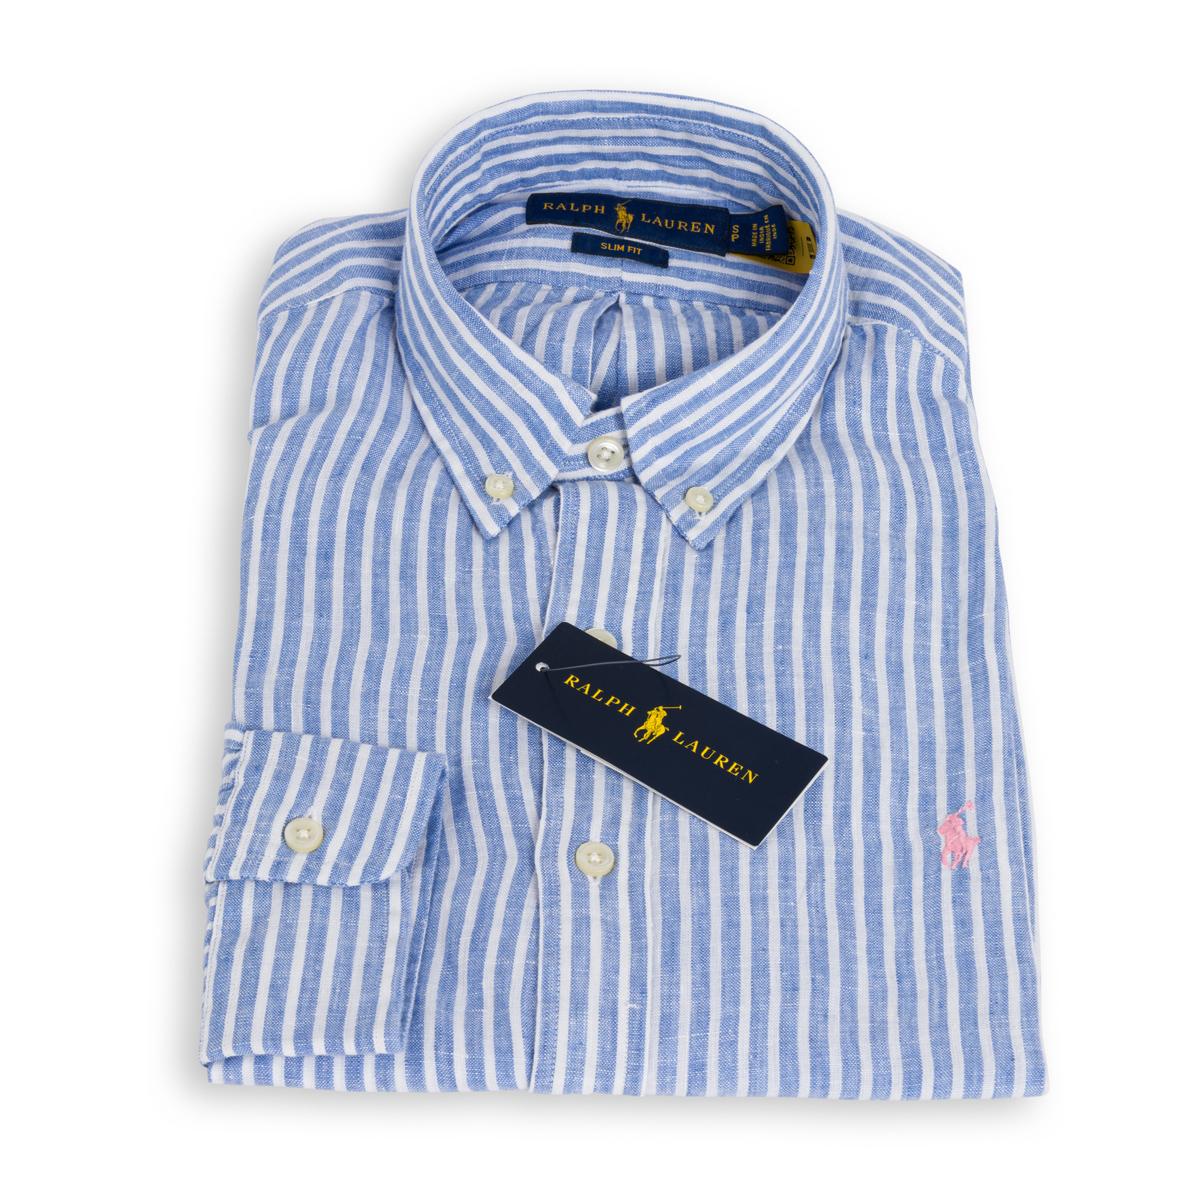 Camicia Polo Ralph Lauren Lino Rigato Bianco Azzurro